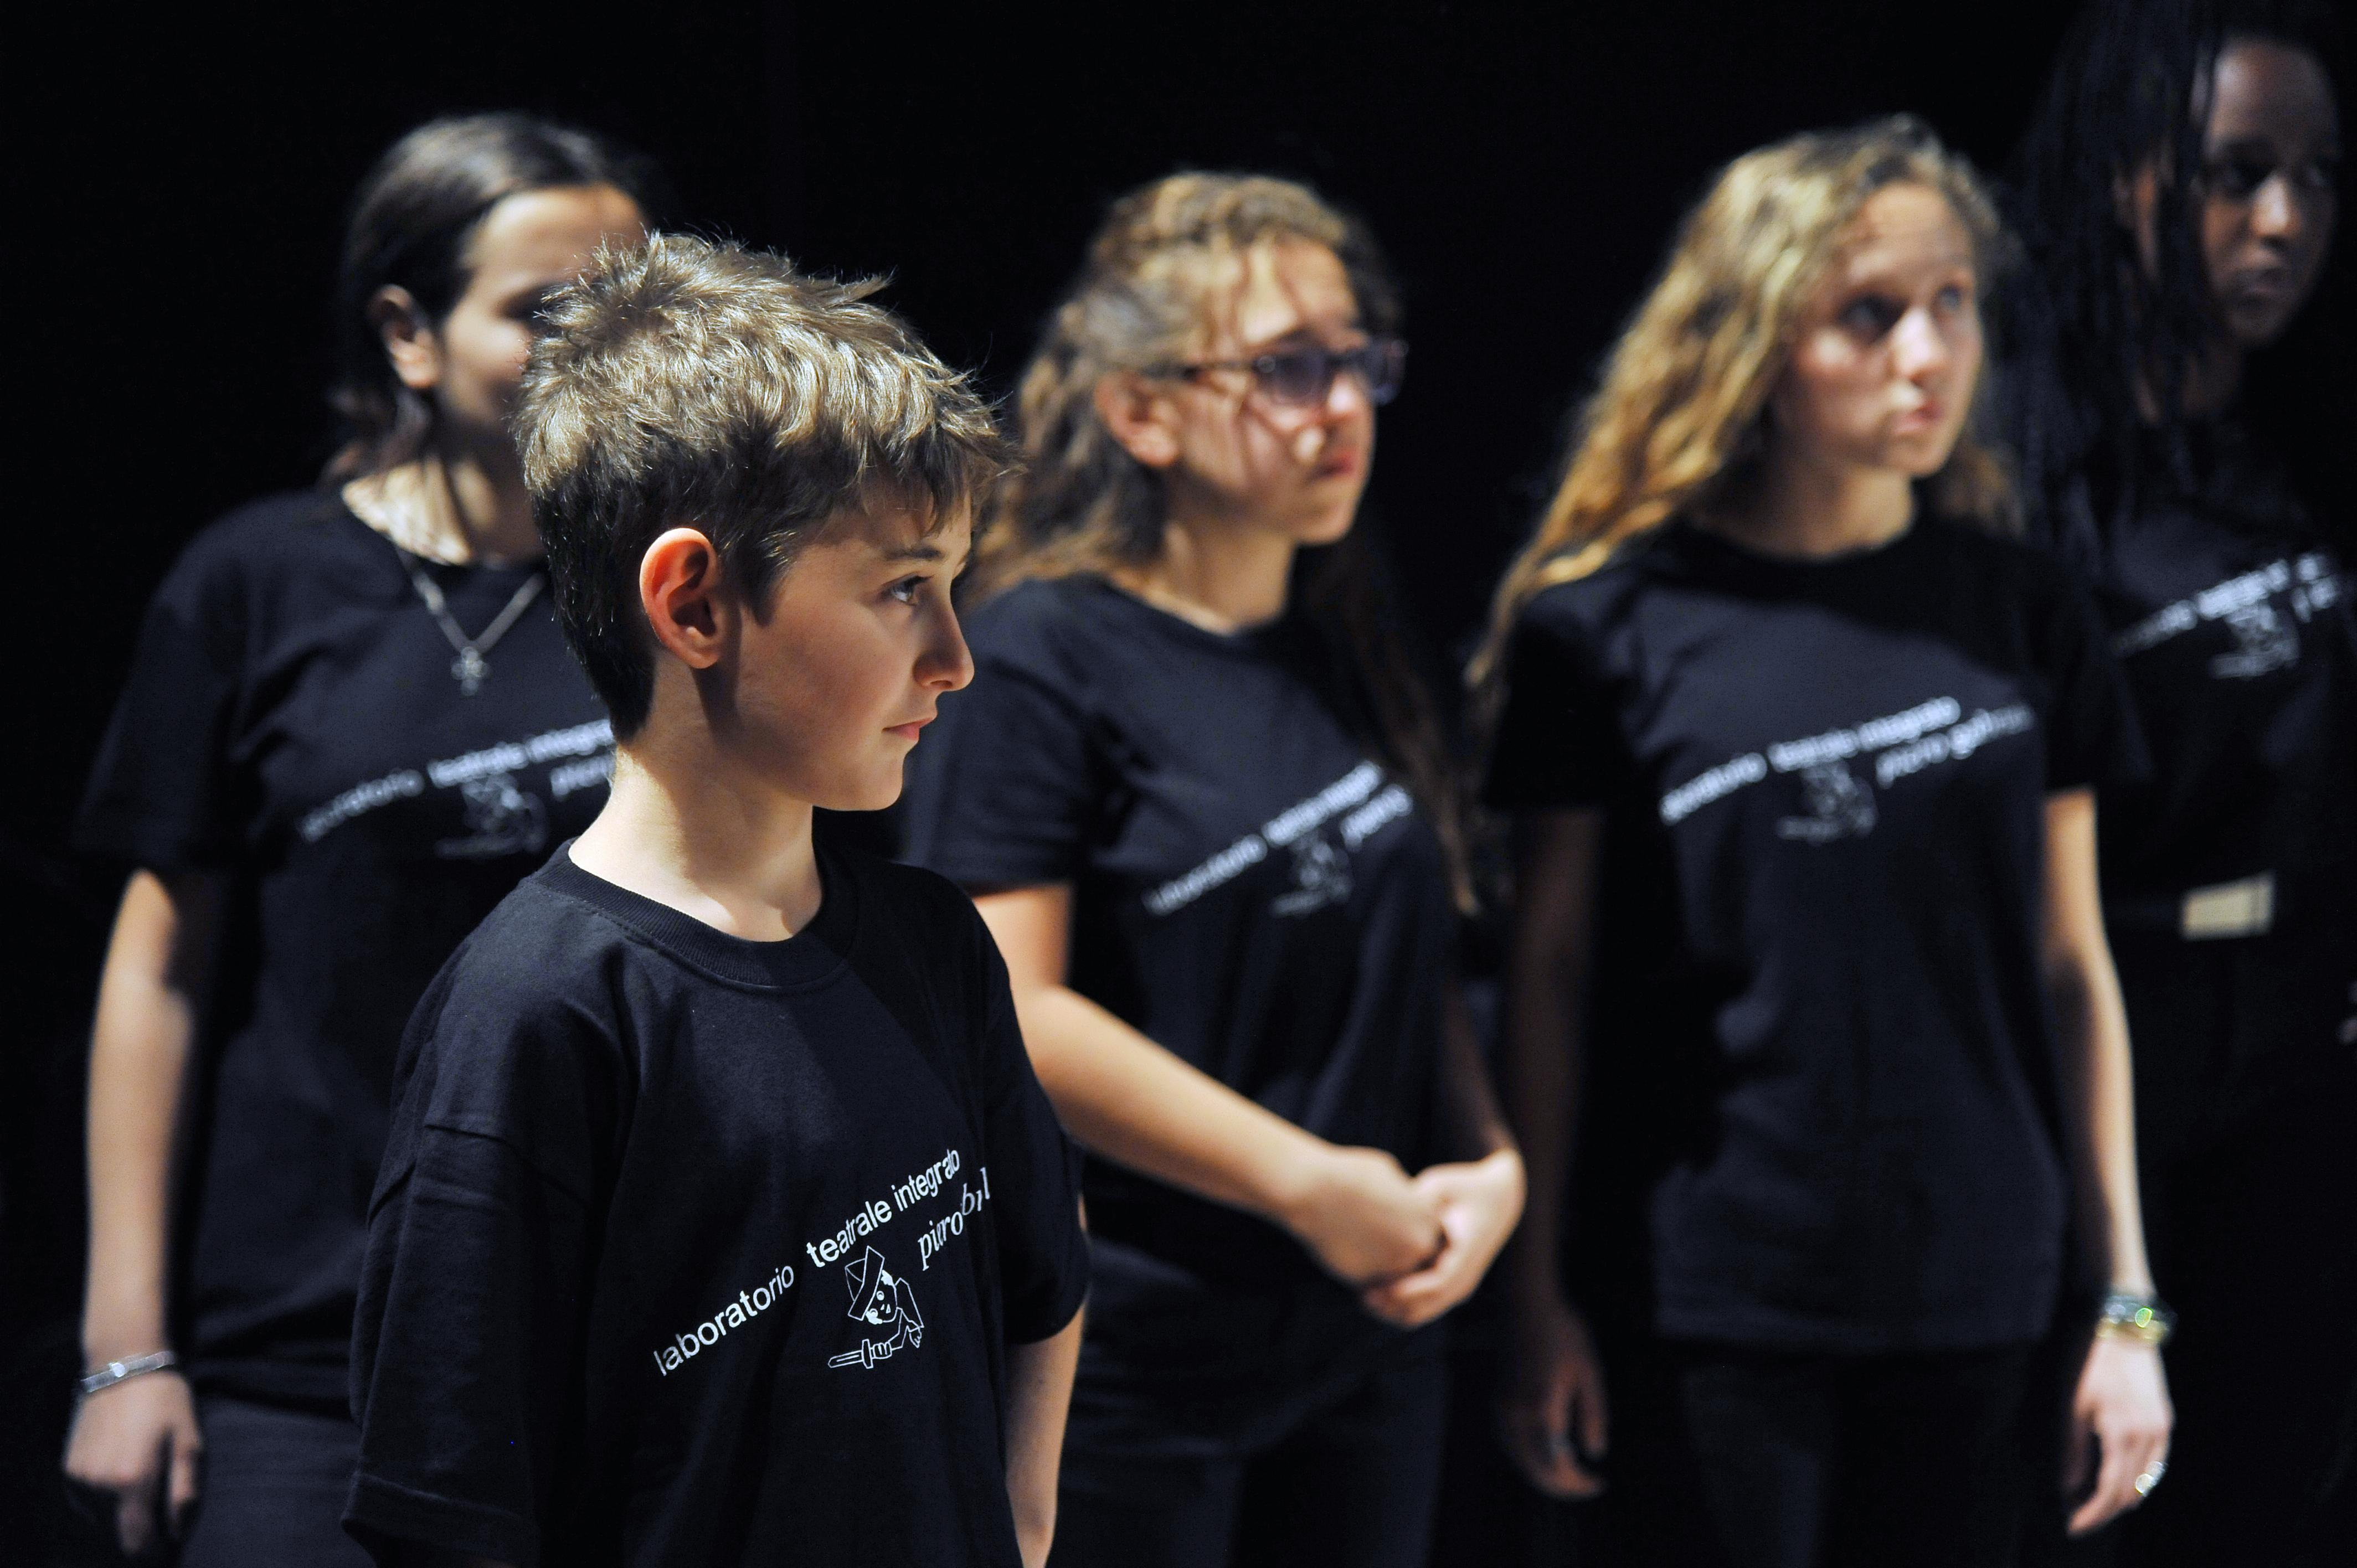 foto di bambini con le magliette del Gabrielli